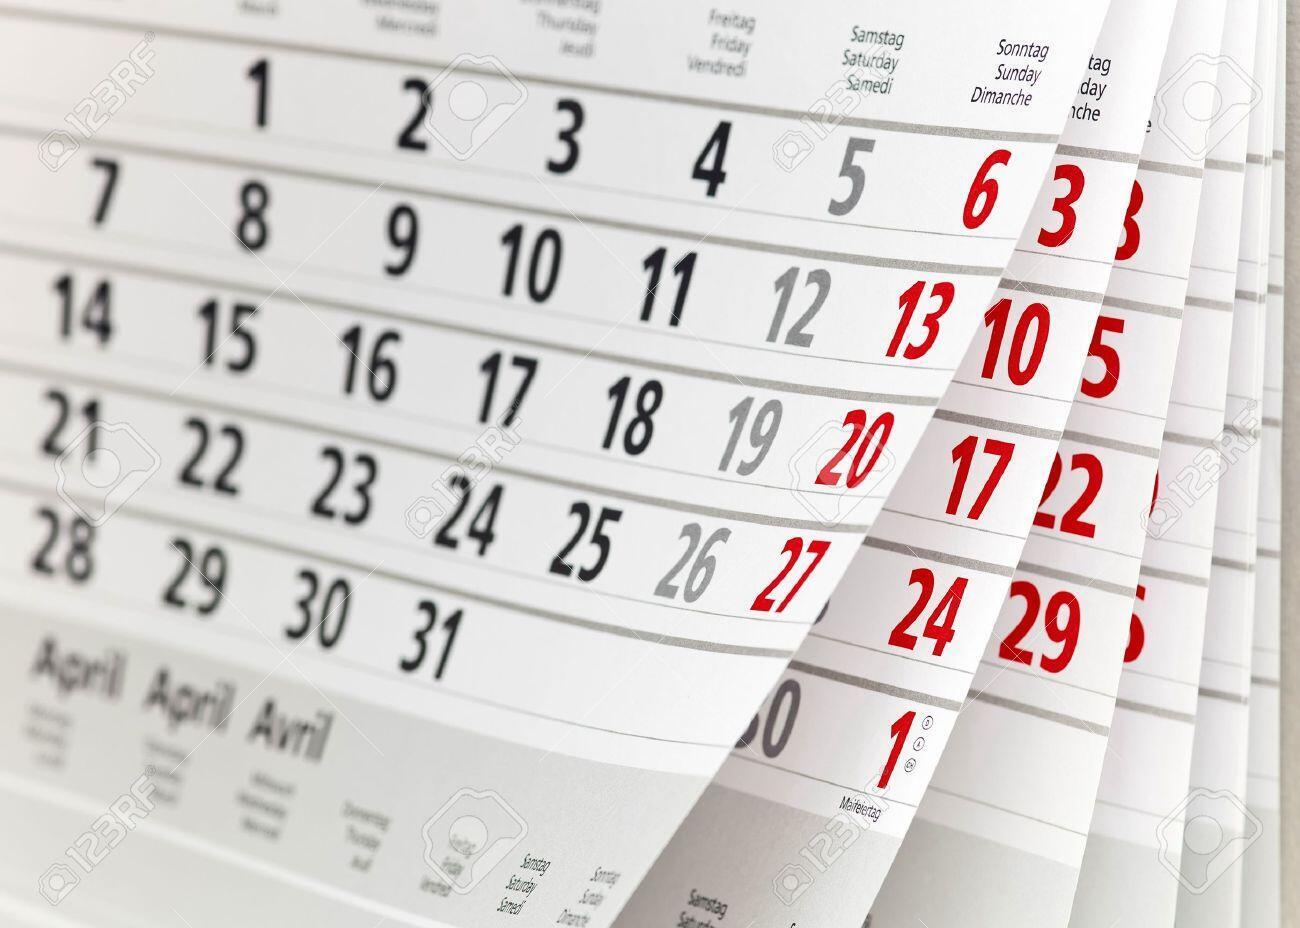 15993765-close-up-a-calendar-page